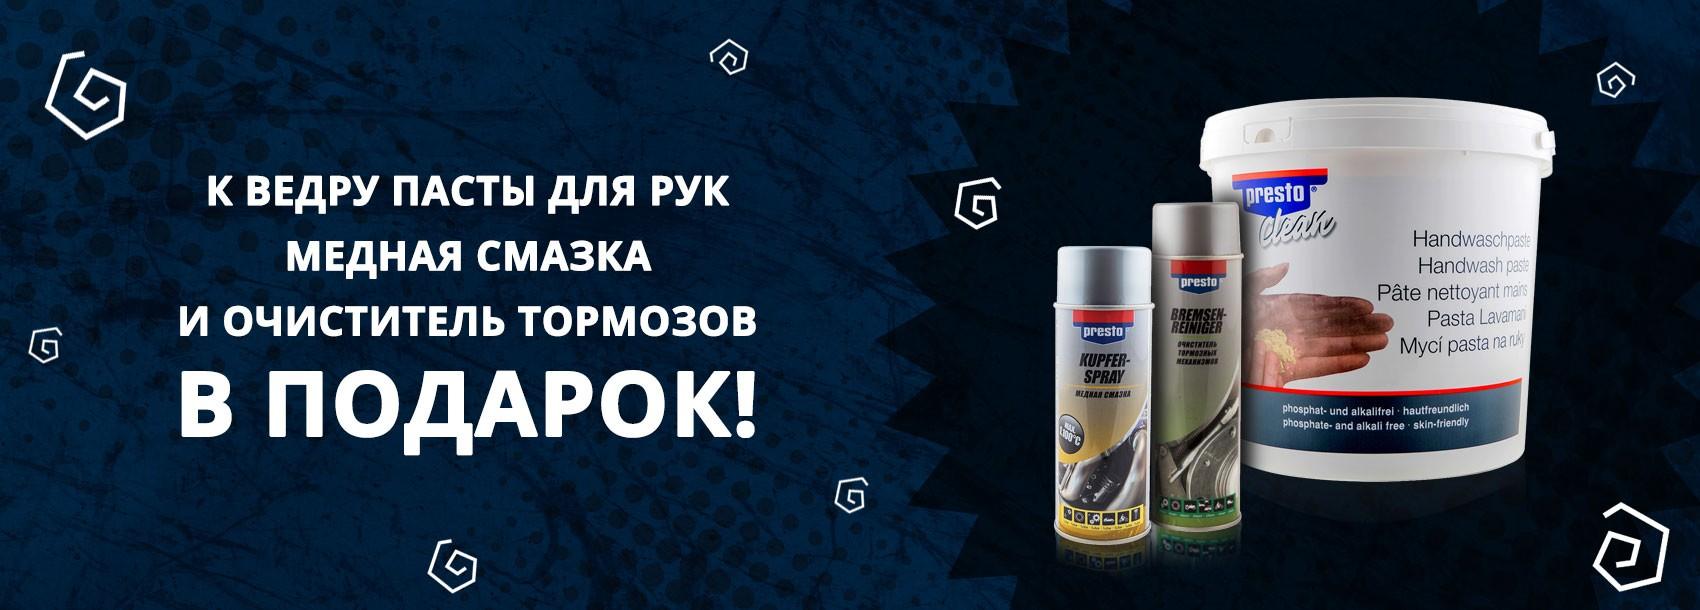 К ведру пасты для рук – медная смазка и очиститель тормозов Presto в ПОДАРОК!